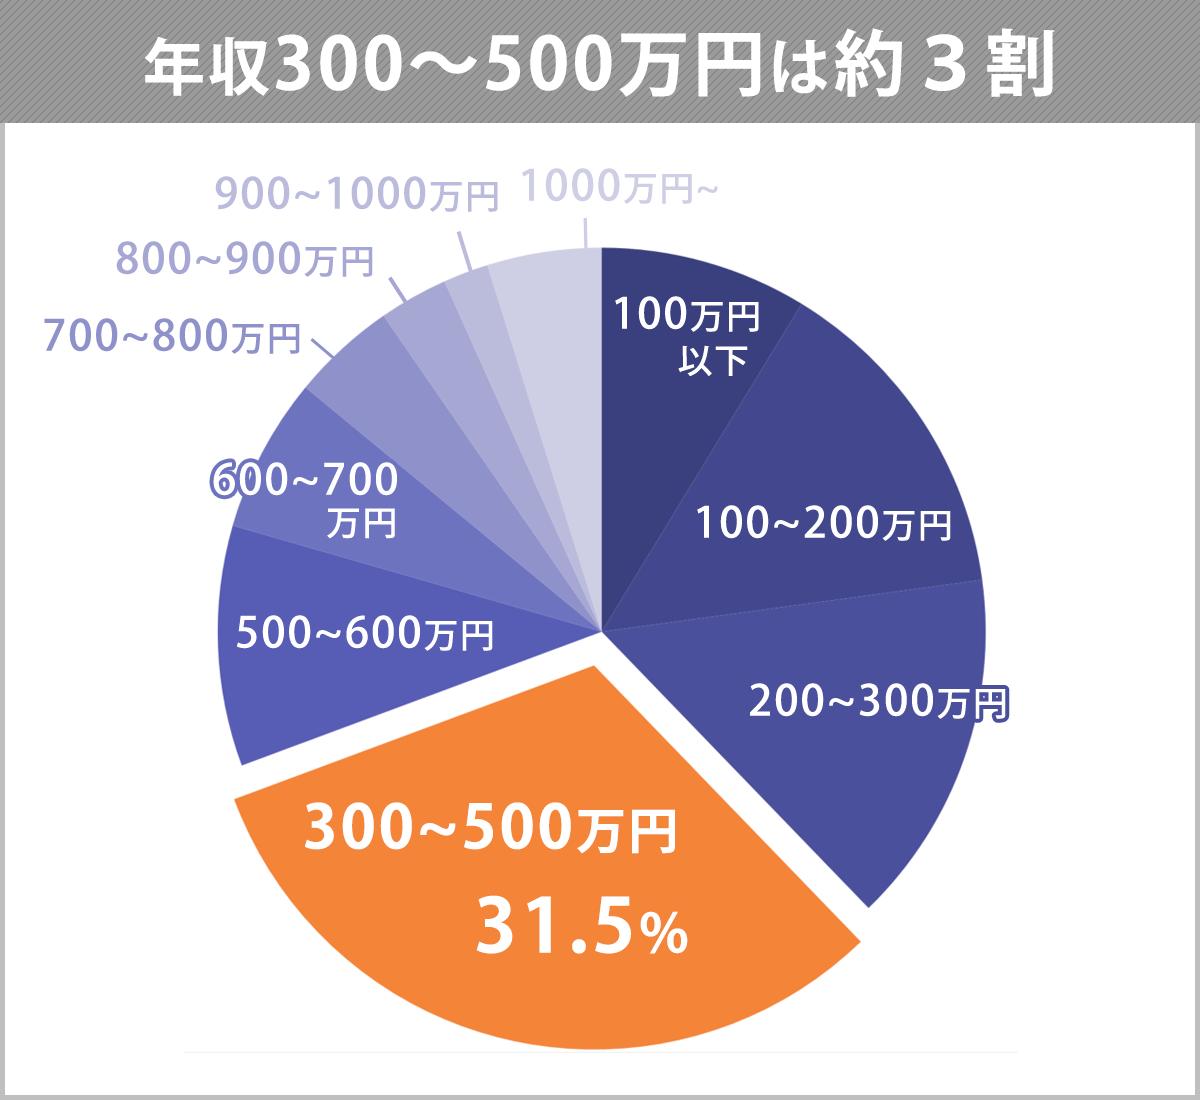 年収300~500万円の割合を表す円グラフ。300~500万円は、31.5%。ほか、~100万円以下:8.7%。~200万円以下:14.1%。~300万円以下:14.9%。500万円超~600万円以下:10.1%。~700万円以下:6.5%。~800万円以下:4.4%。~900万円以下:2.9%。~1,000万円以下:1.9%。1,000万円~:4.8%。